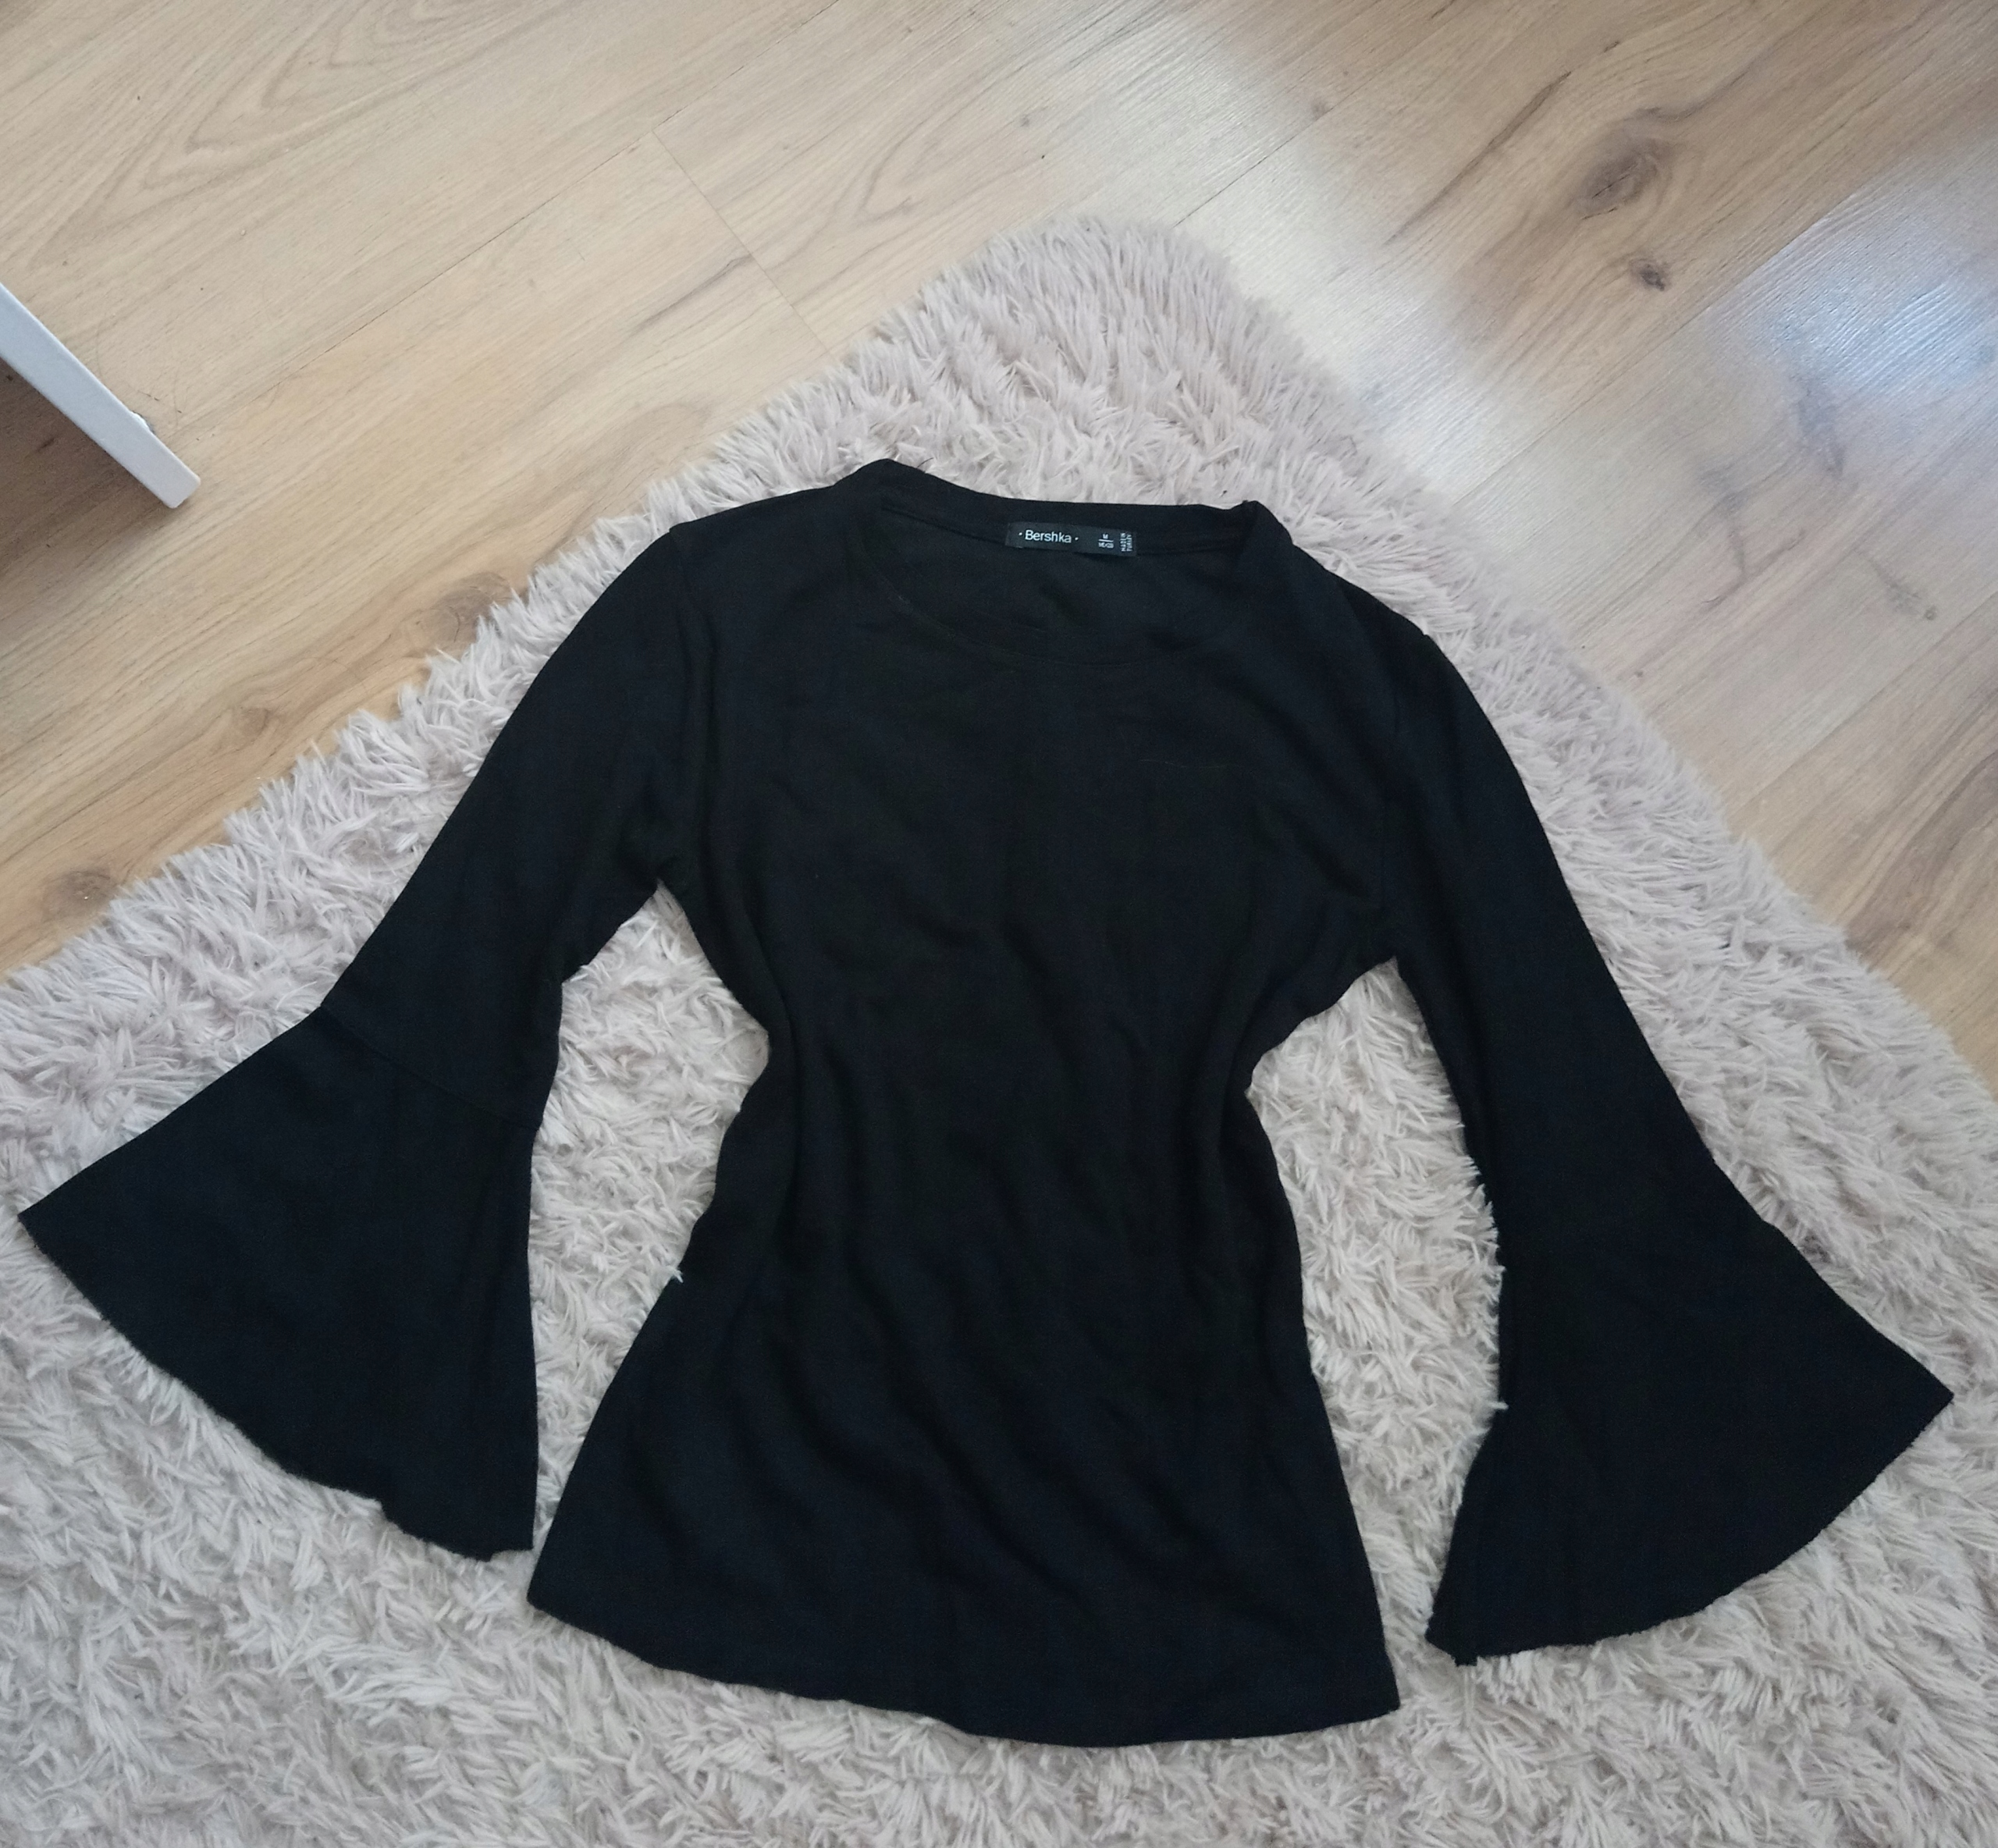 Czarna bluzka szerokie rękawy bershka m/38